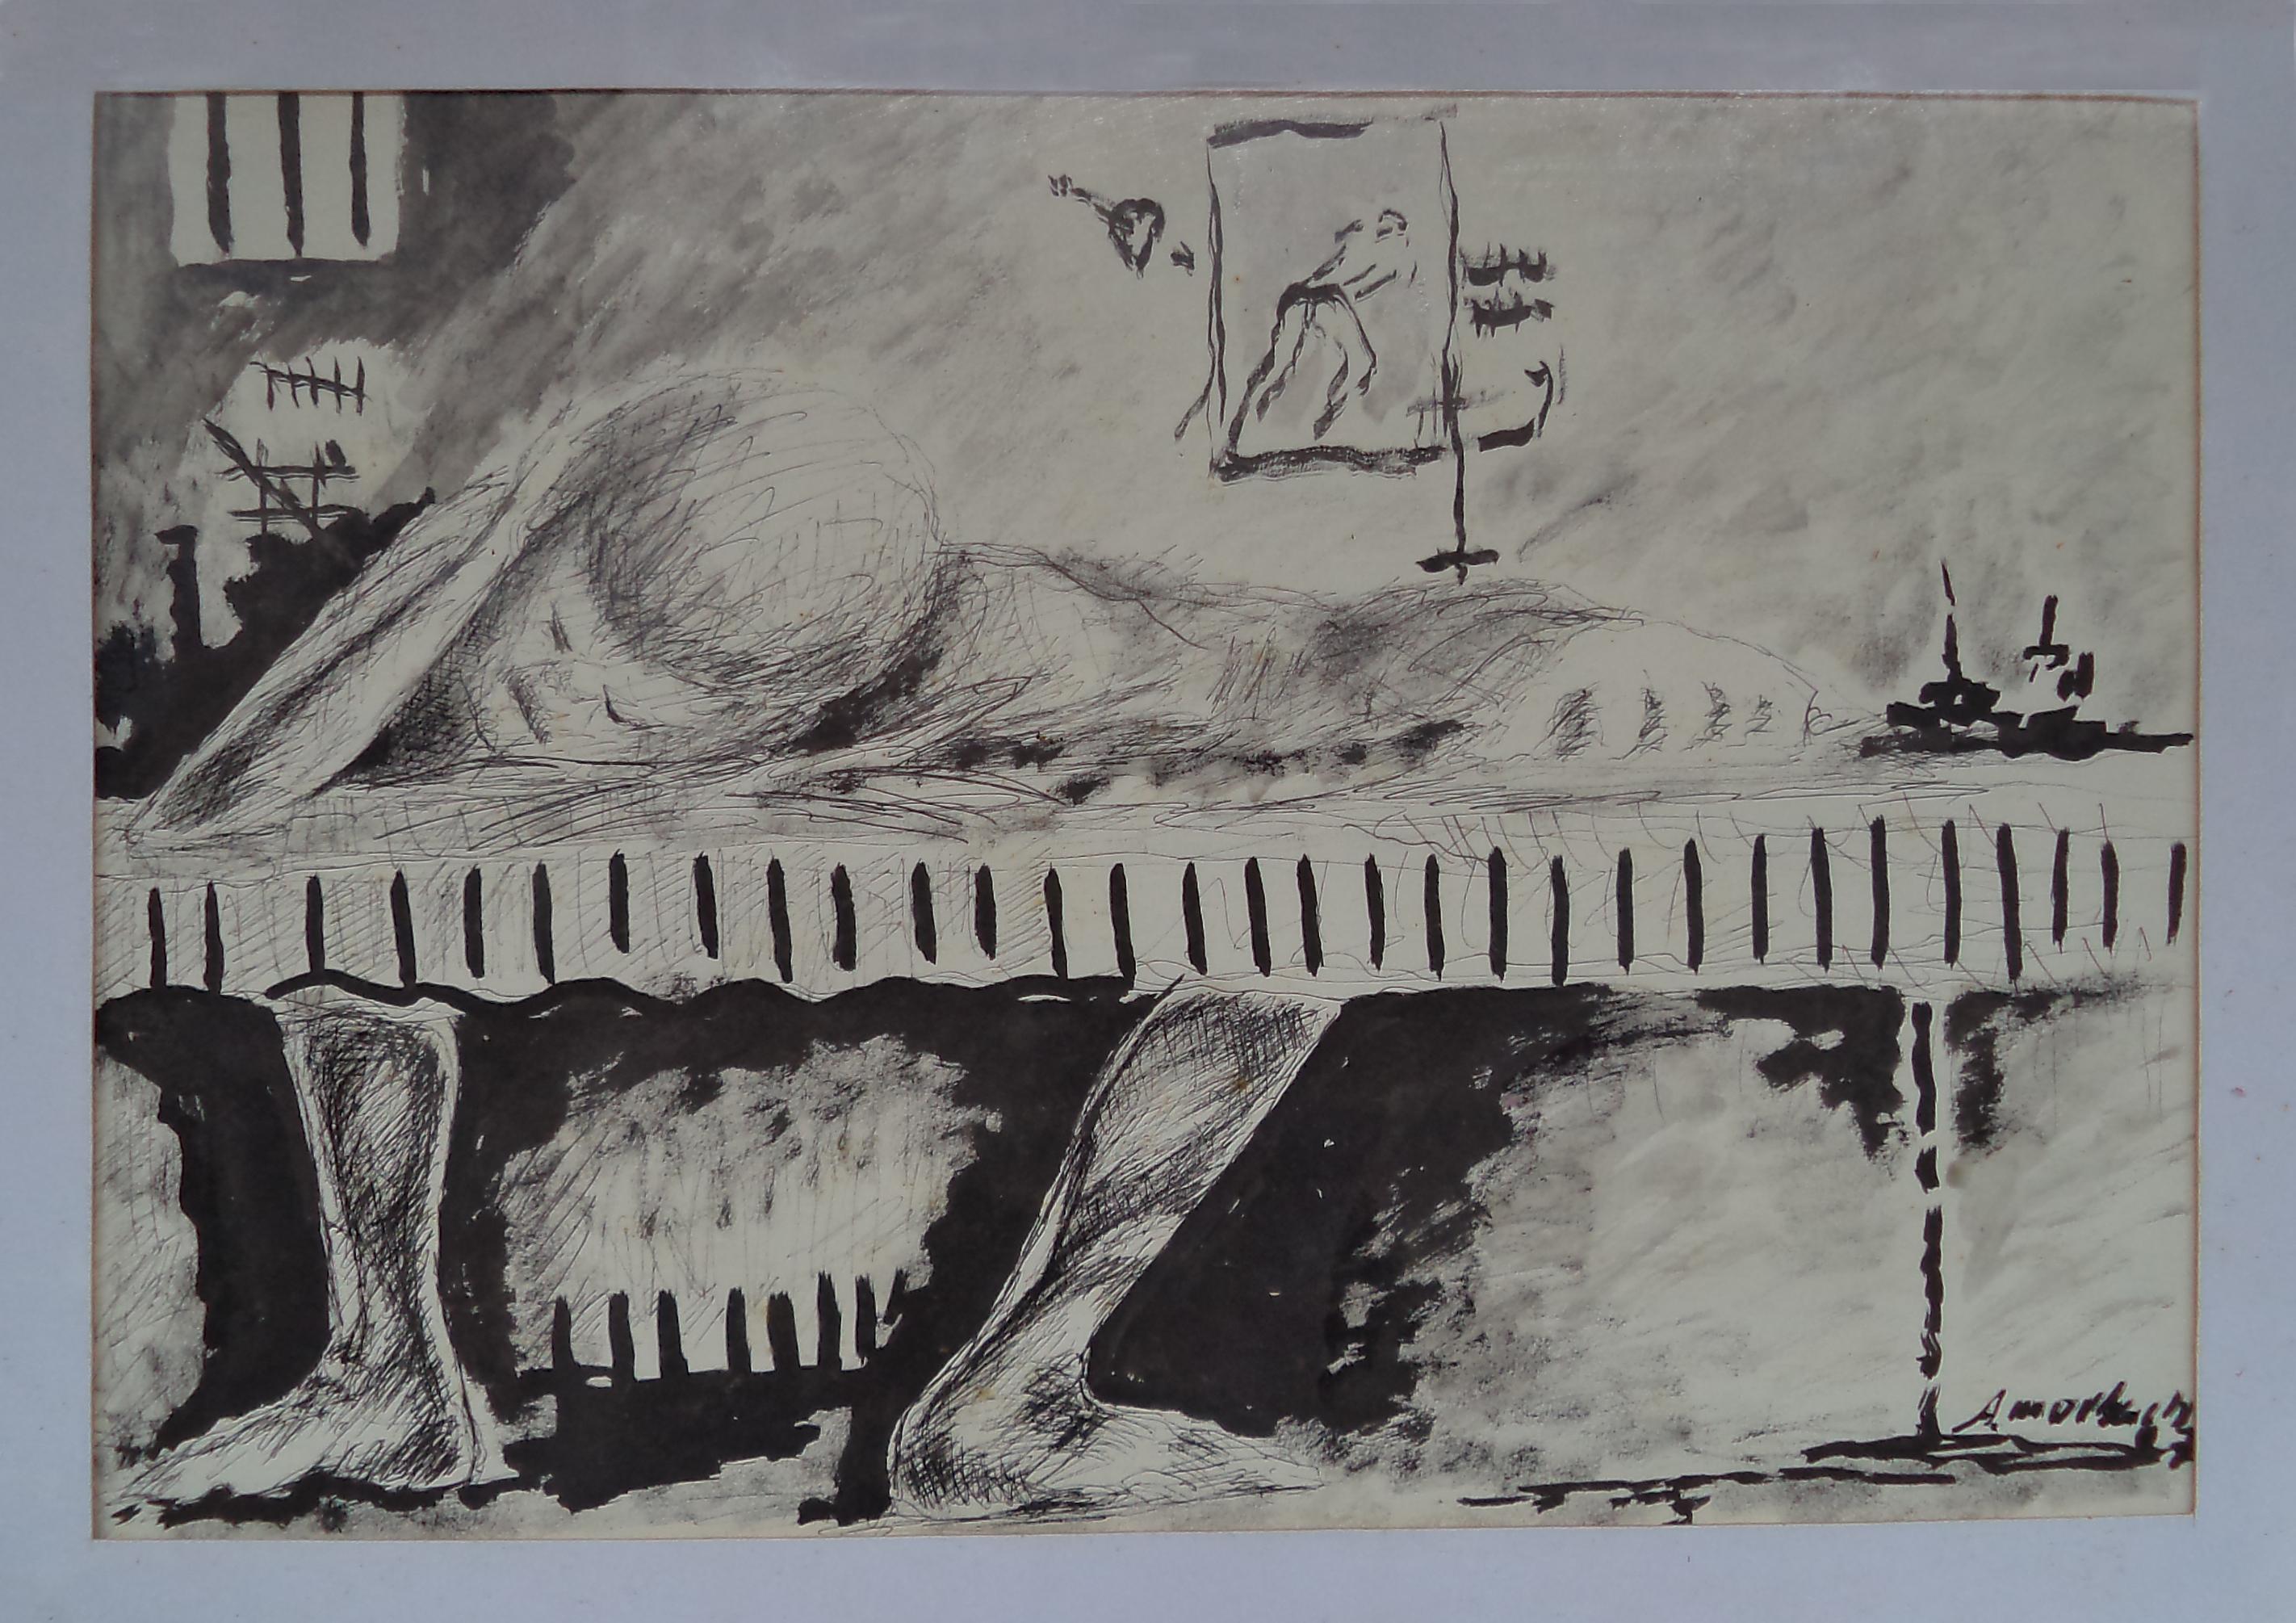 Antônio_Morbach,_Série_Nanquim,_2007._Desenho,_44x56